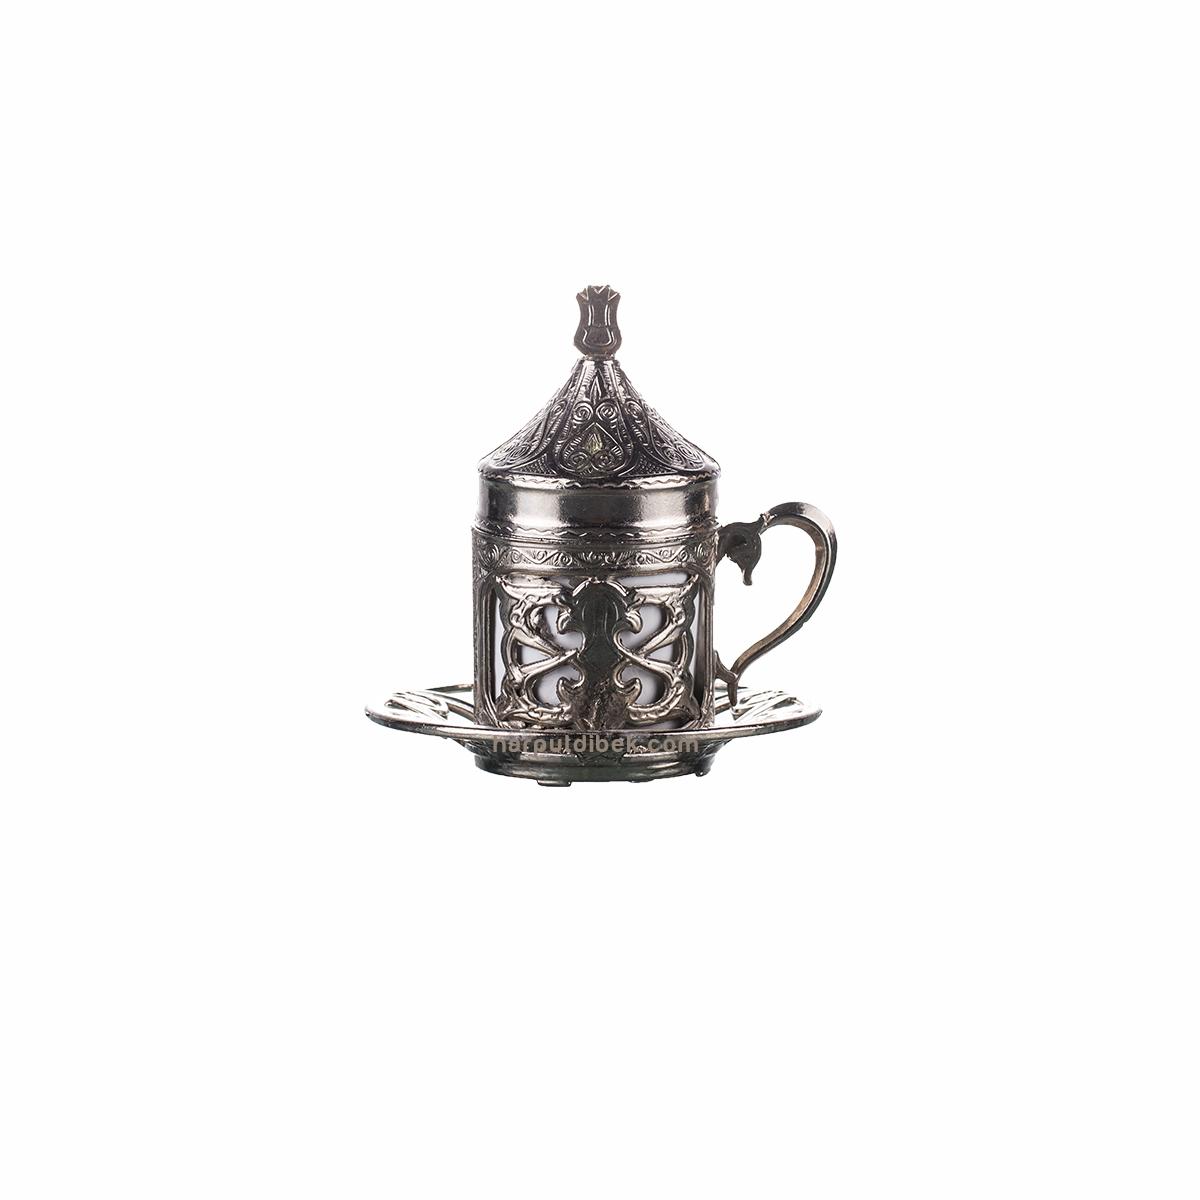 Harput Dibek Kahvesi - Harput Dibek Kahvesi Tarihi Harput Dibek Fincanı